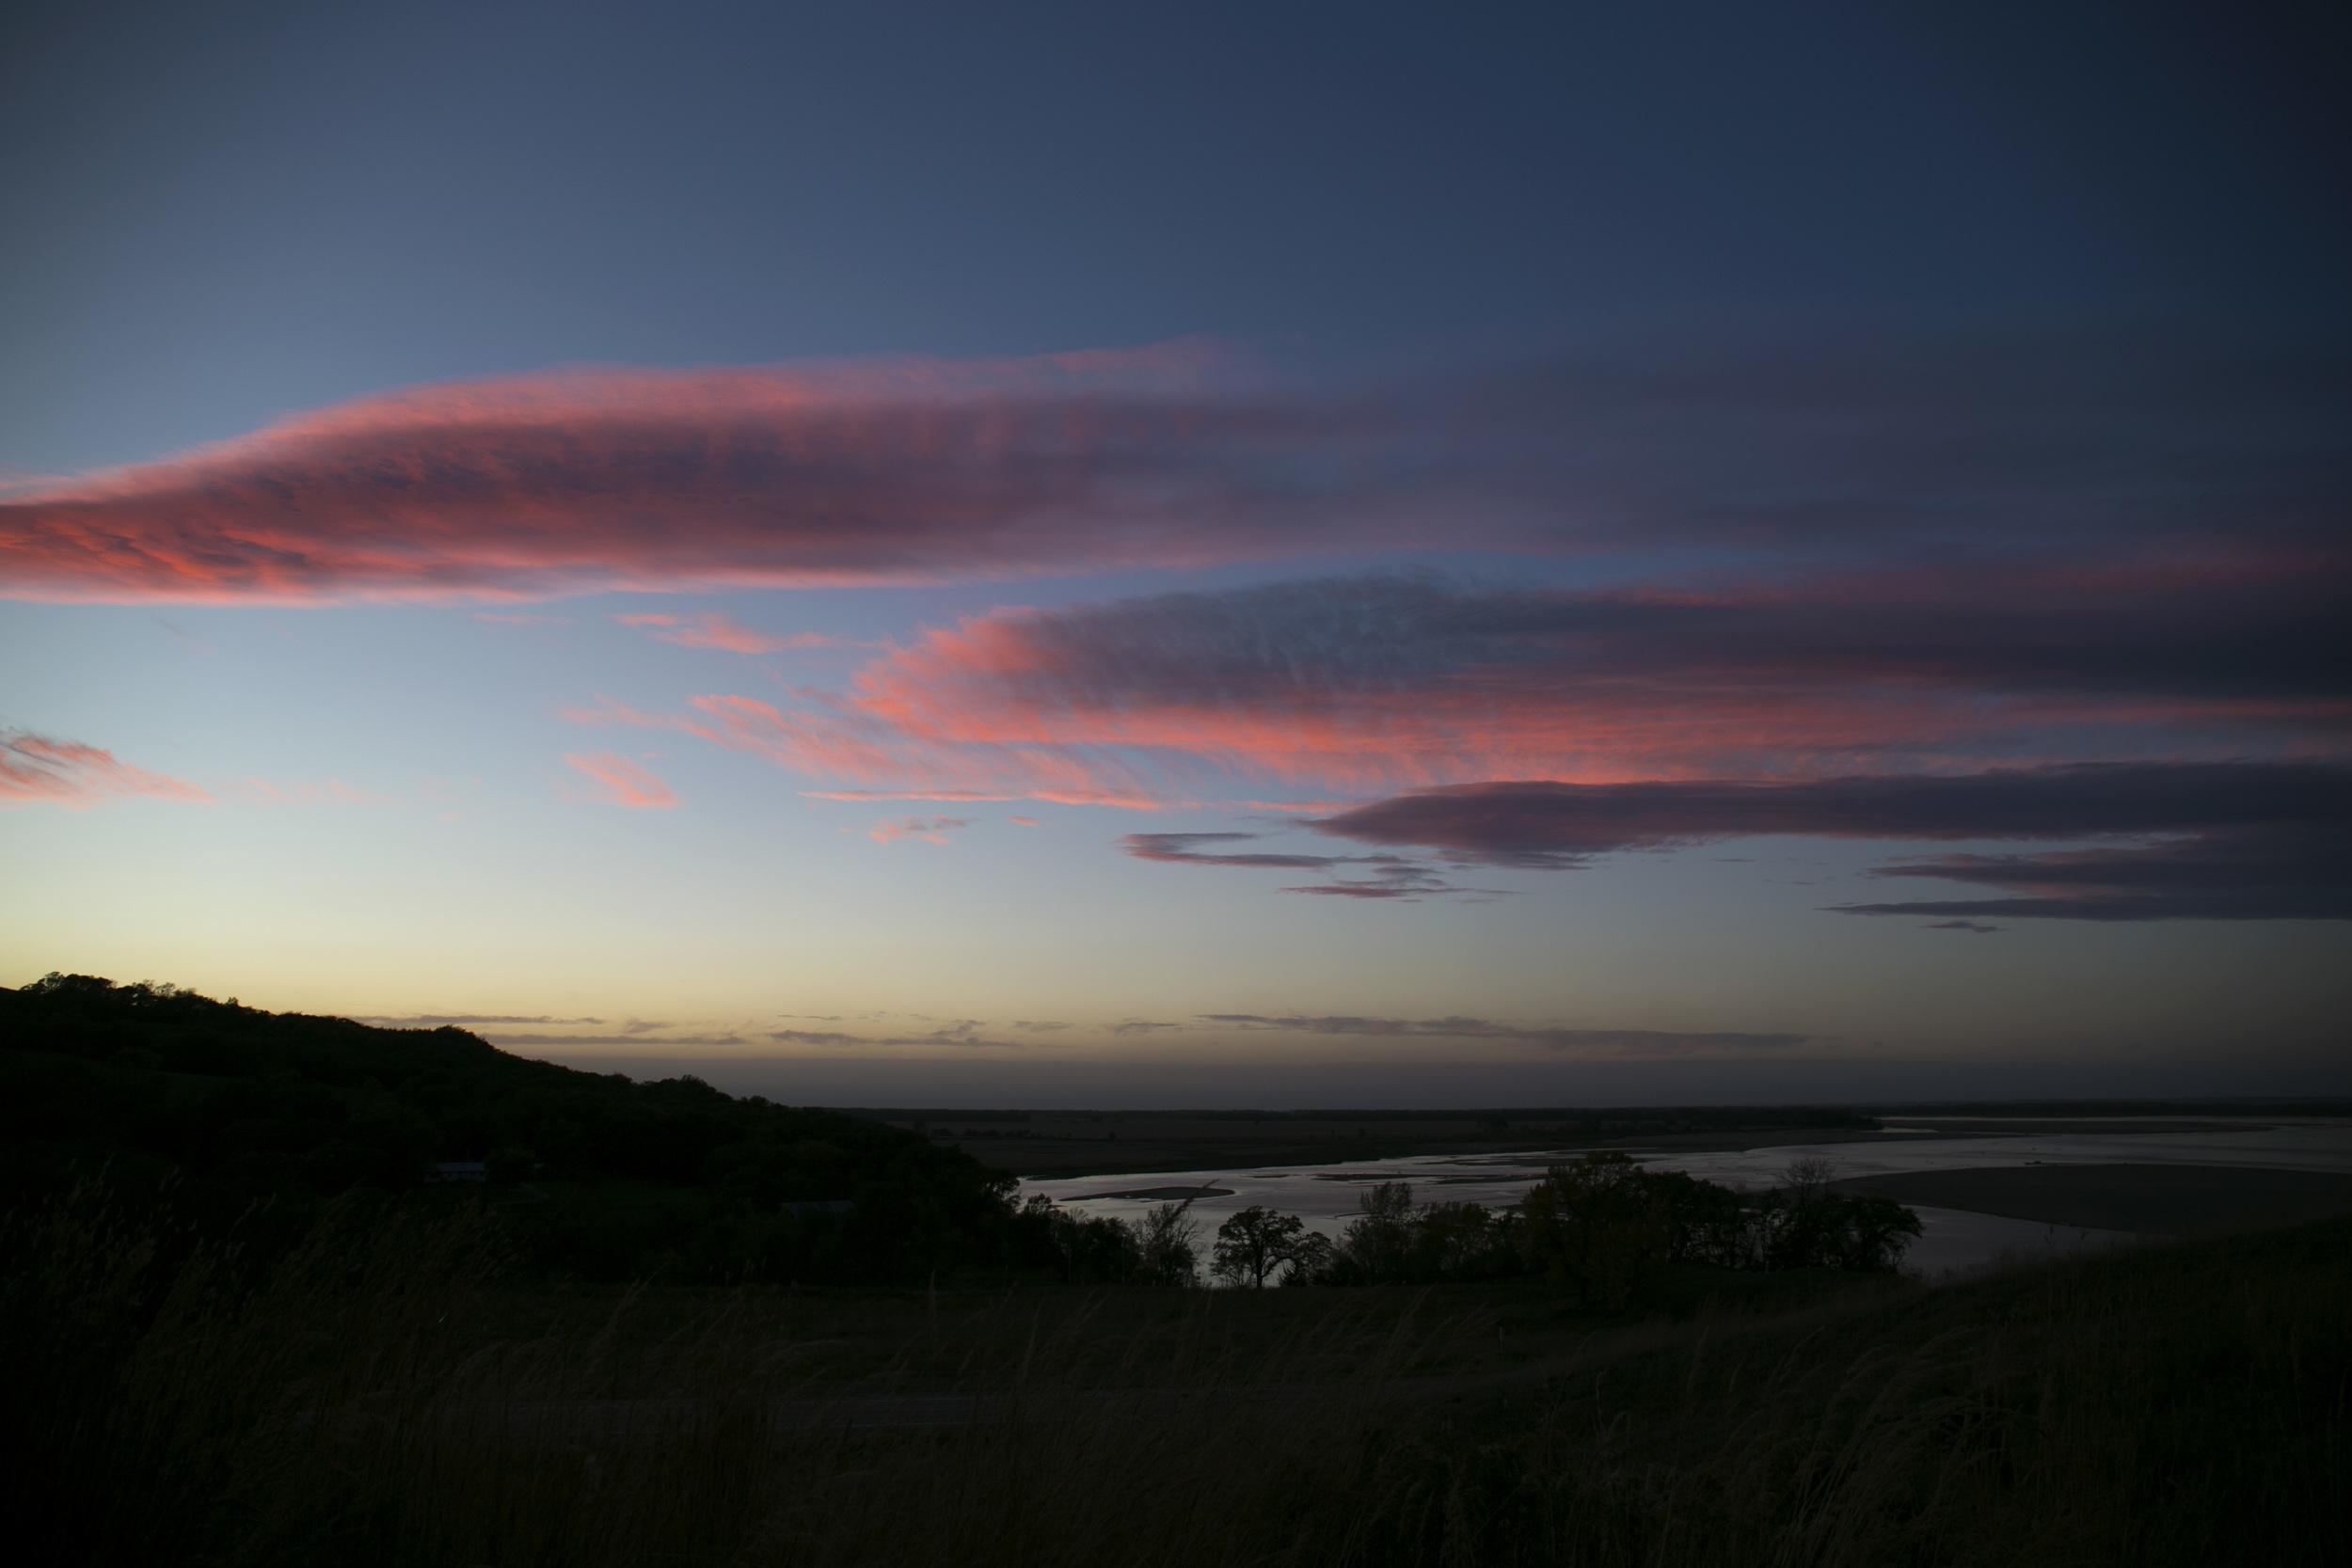 overlook_sunset_004.jpg